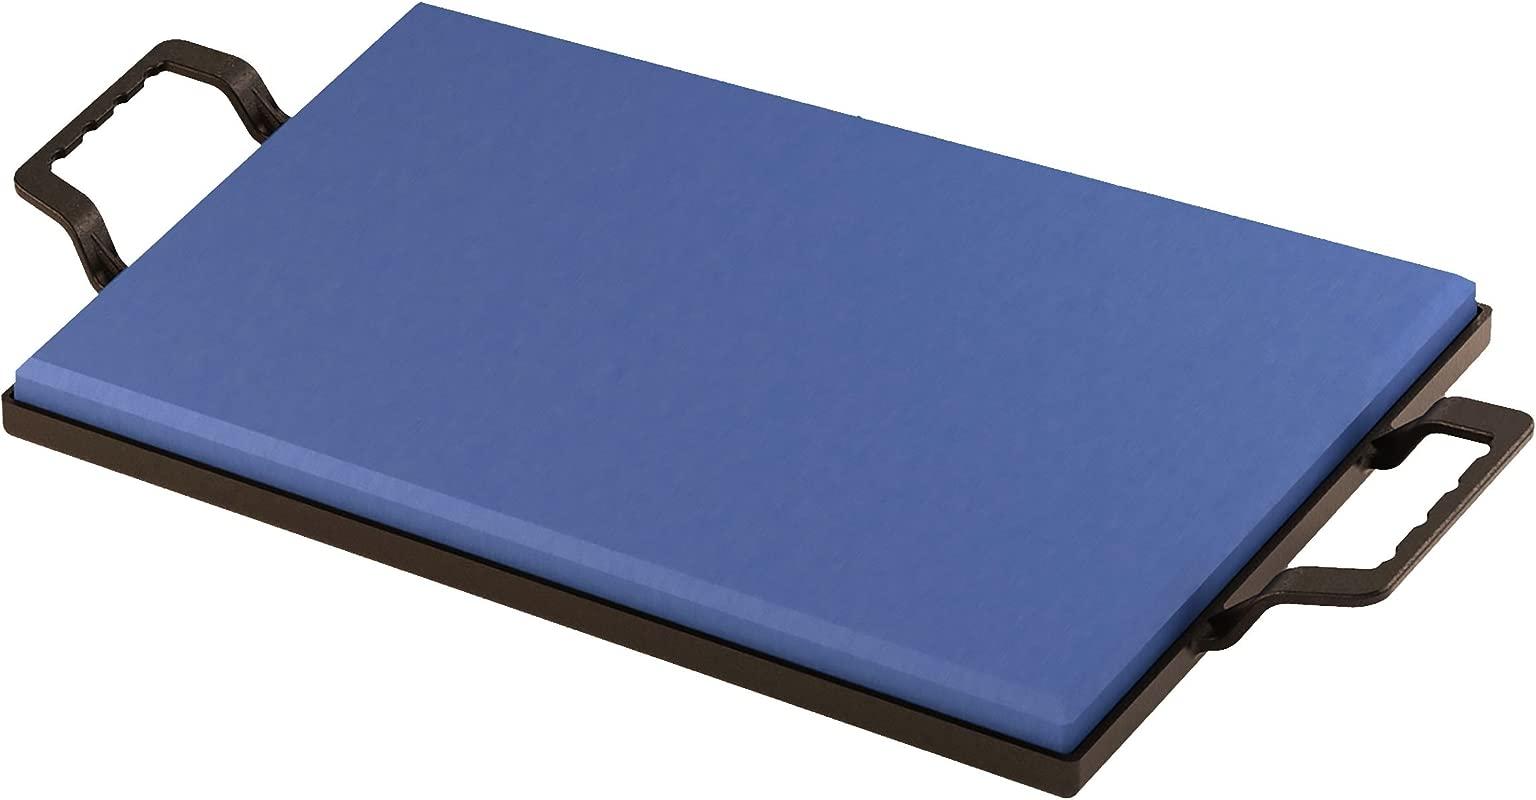 Bon 12 604 24 Inch By 14 Inch Foam Kneeler Board